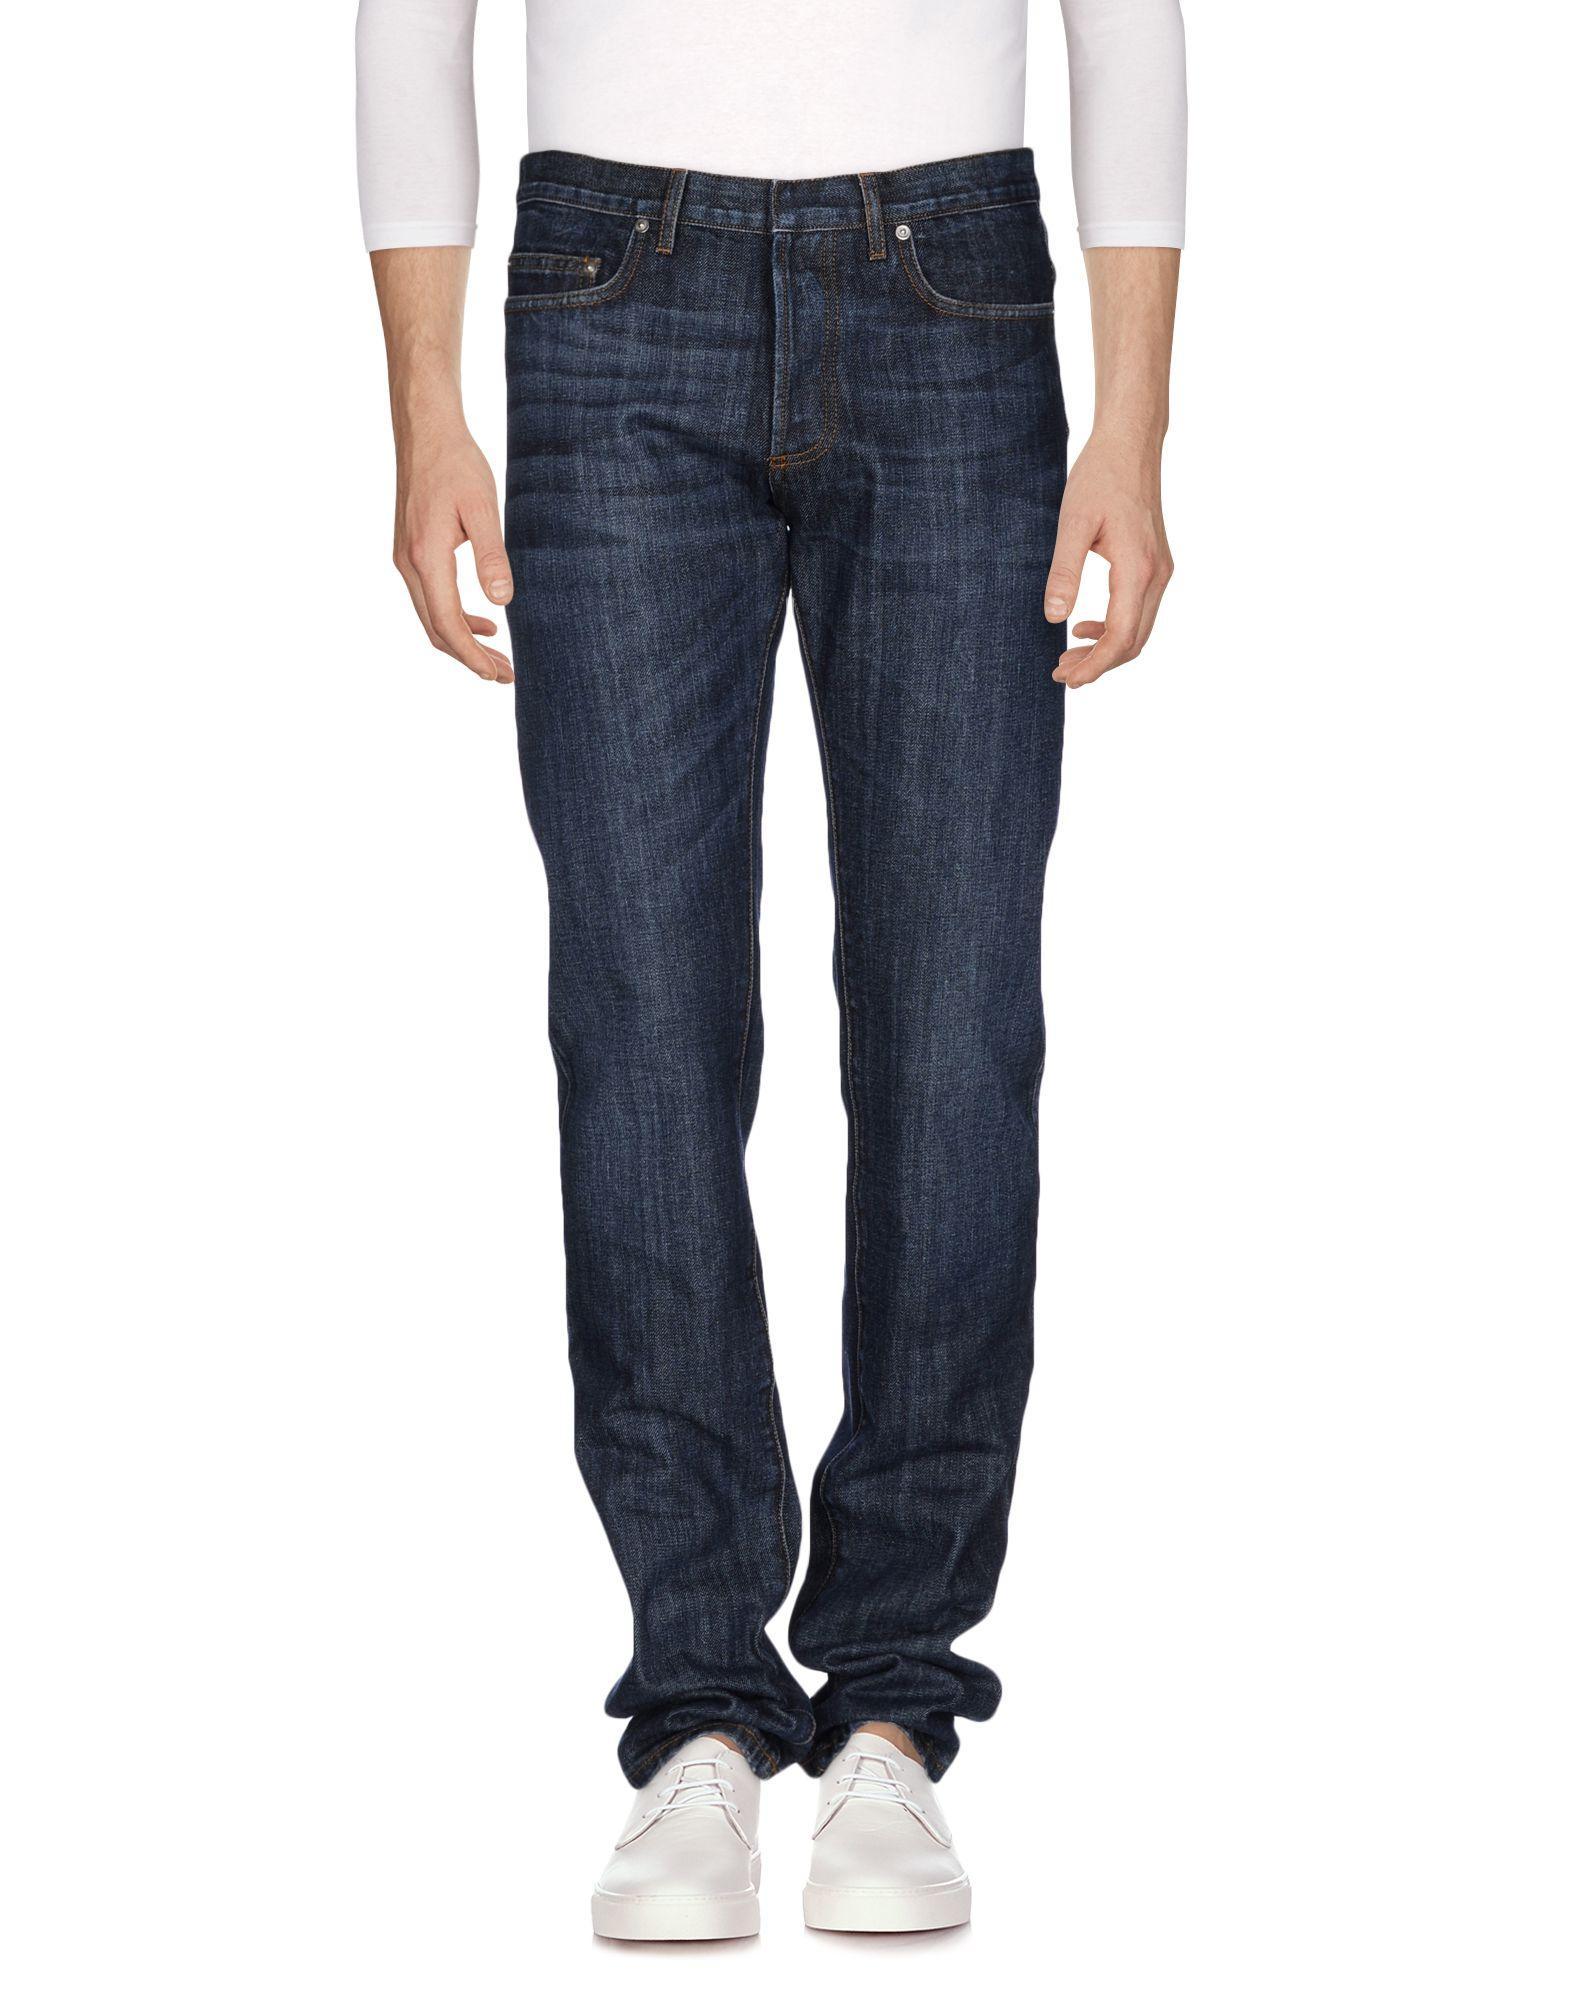 dior homme denim pants in blue for men lyst. Black Bedroom Furniture Sets. Home Design Ideas